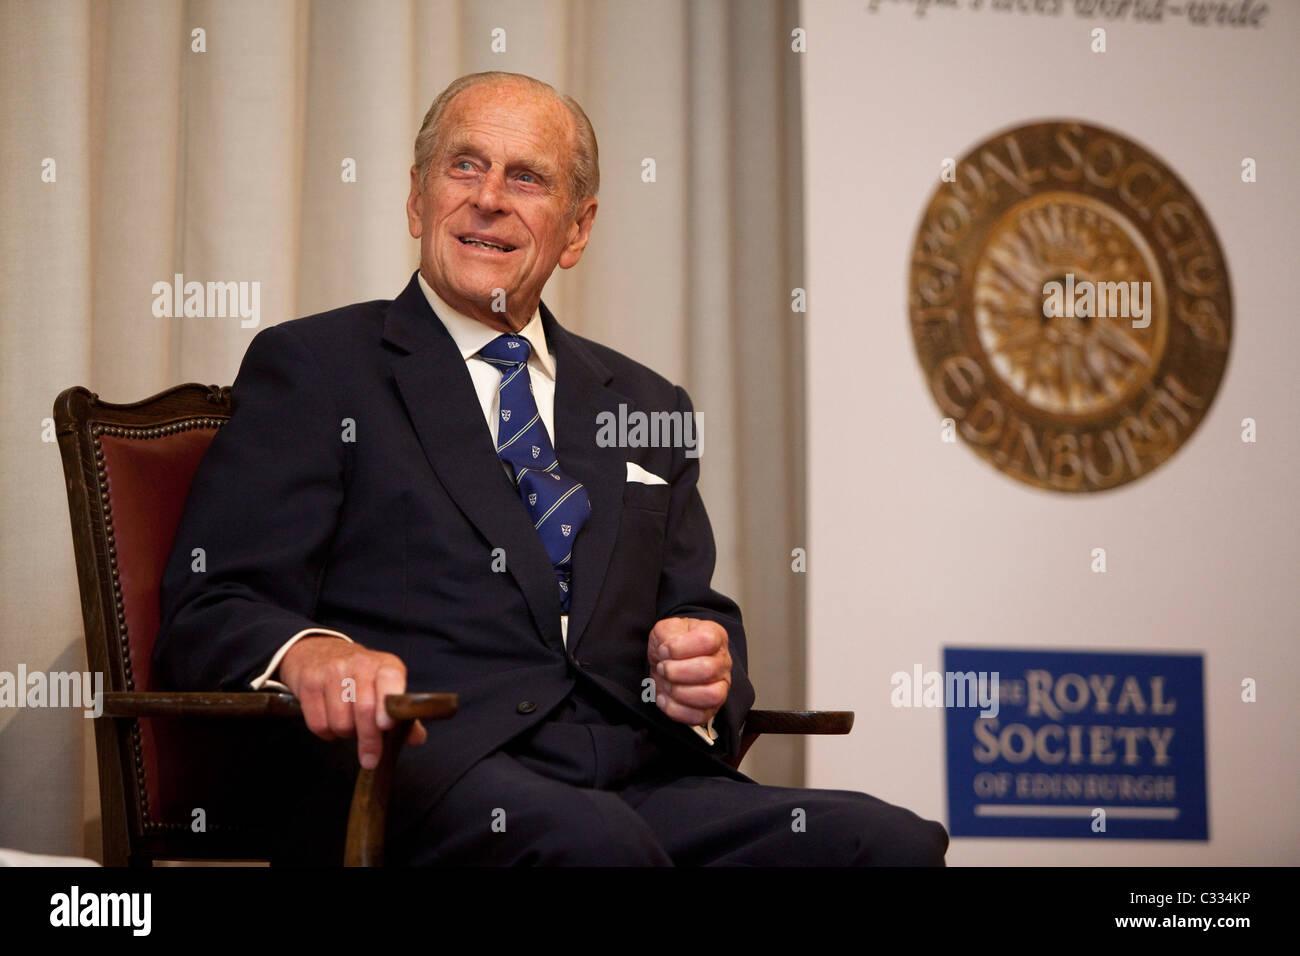 HRH The Duke of Edinburgh bei der Royal Society of Edinburgh, königlichen Medaillen zu präsentieren Stockfoto